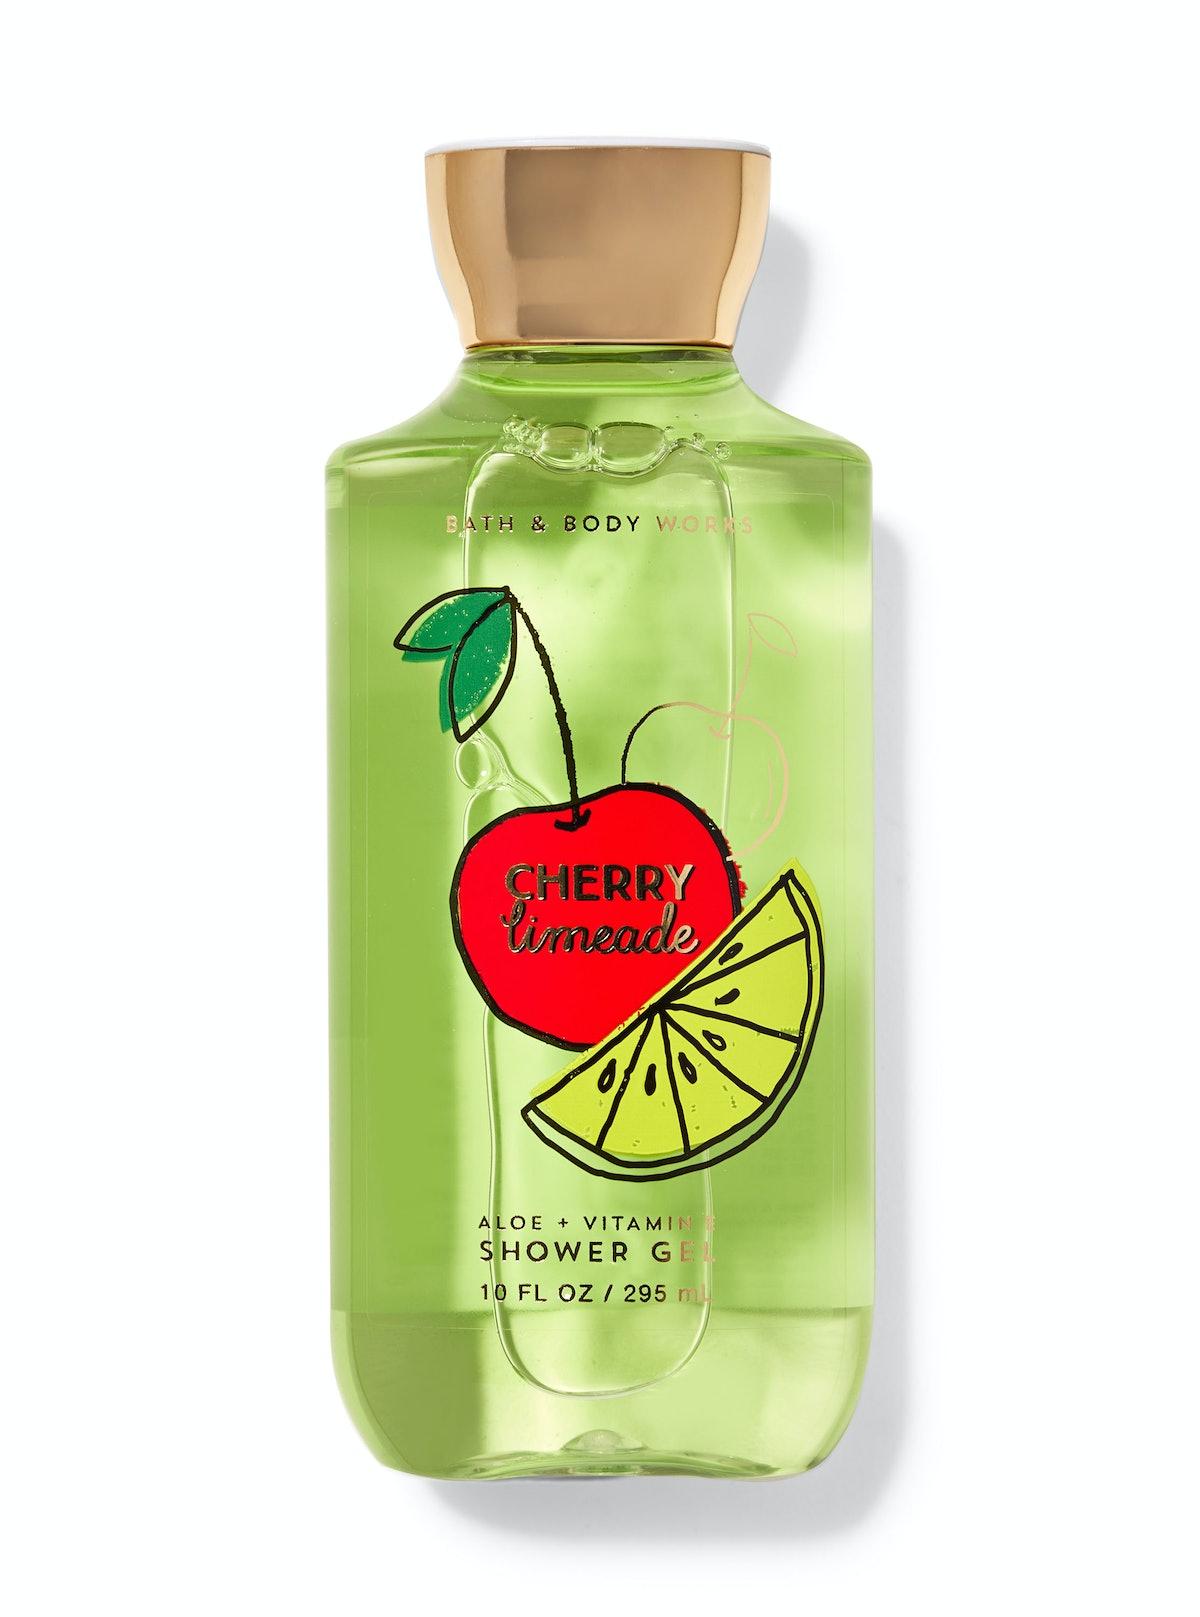 Cherry Limeade Shower Gel